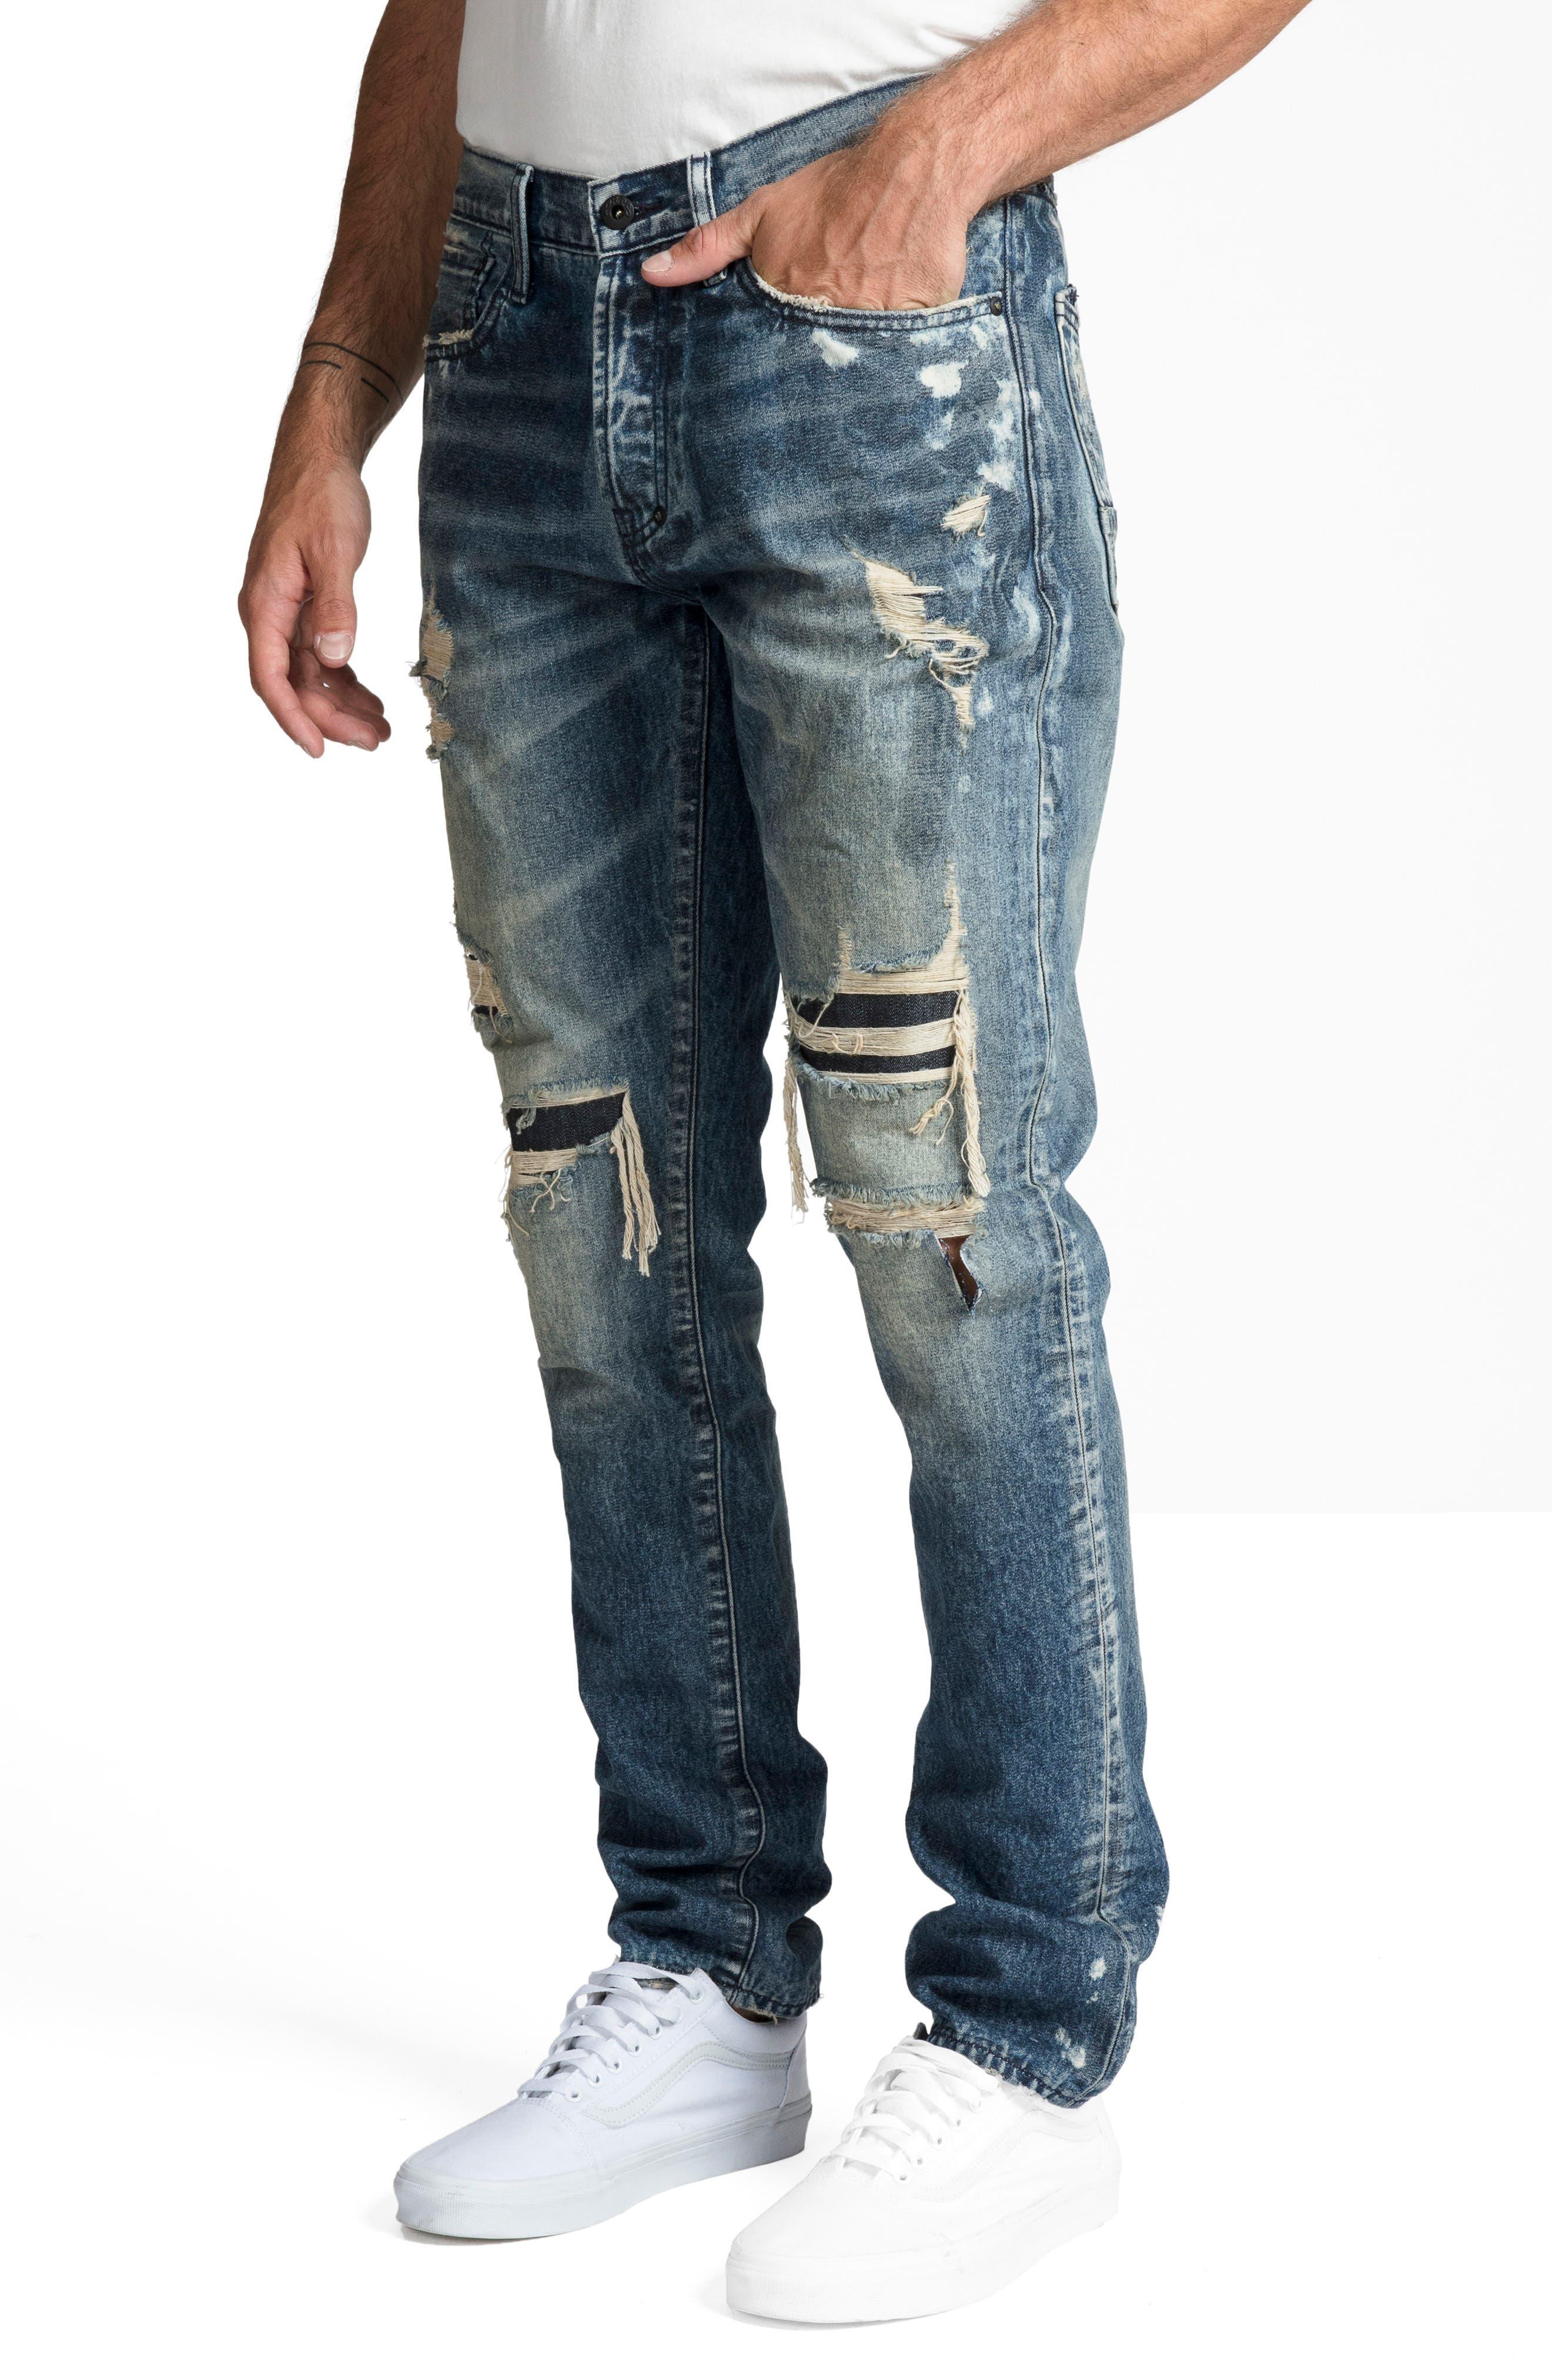 Le Sabre Slim Fit Jeans,                             Alternate thumbnail 3, color,                             MELODIC